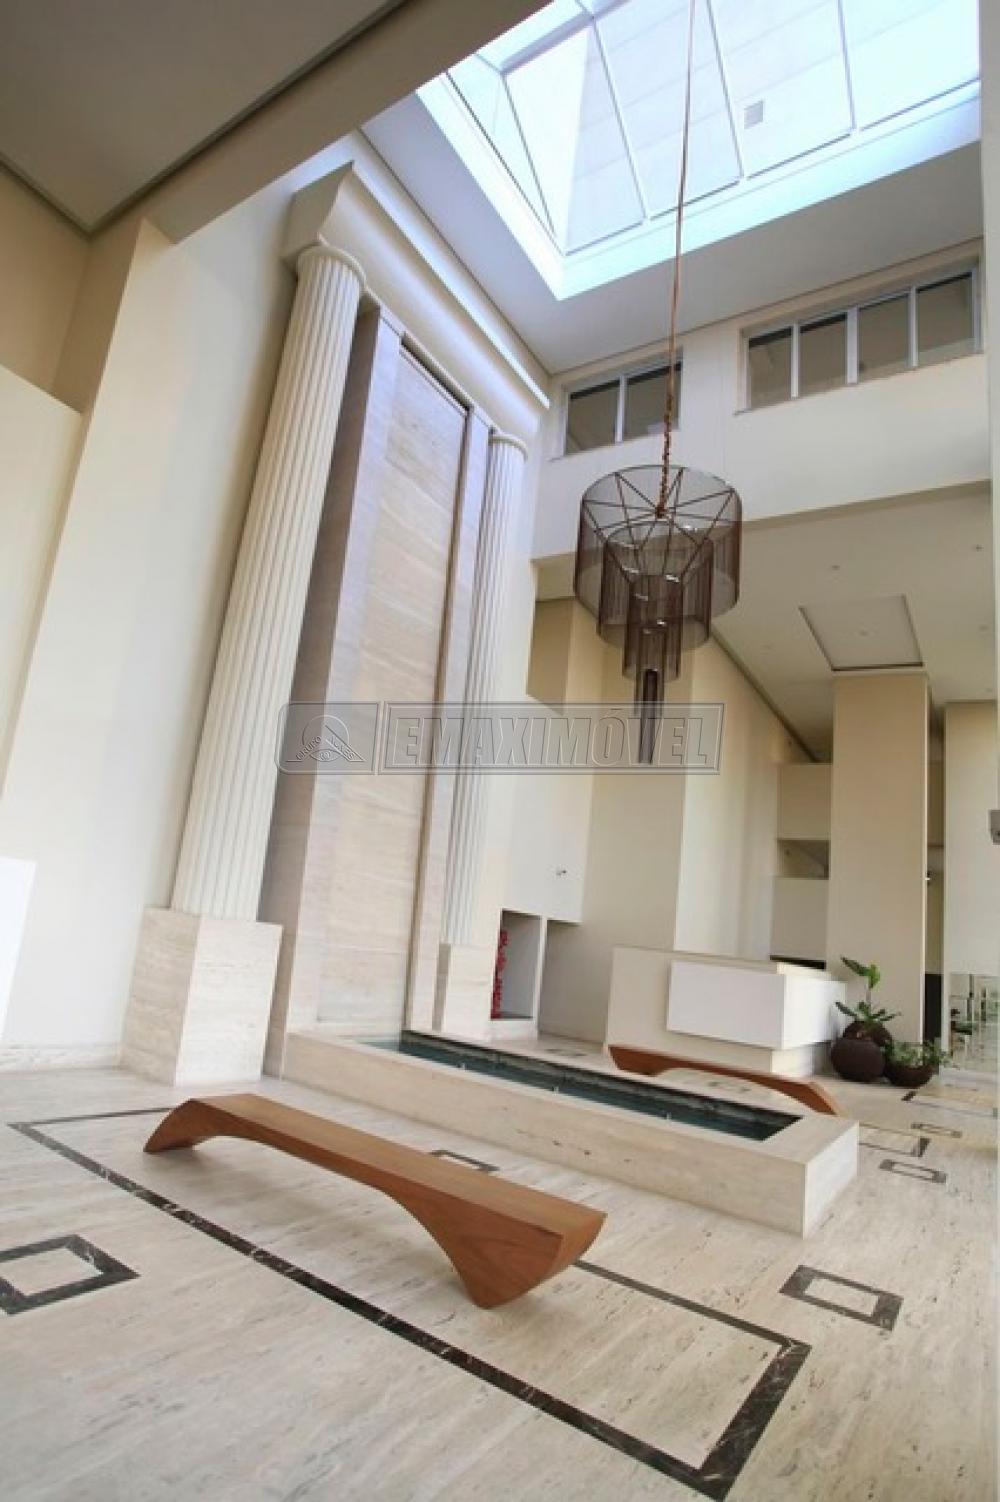 Comprar Apartamentos / Apto Padrão em Sorocaba apenas R$ 1.800.000,00 - Foto 25